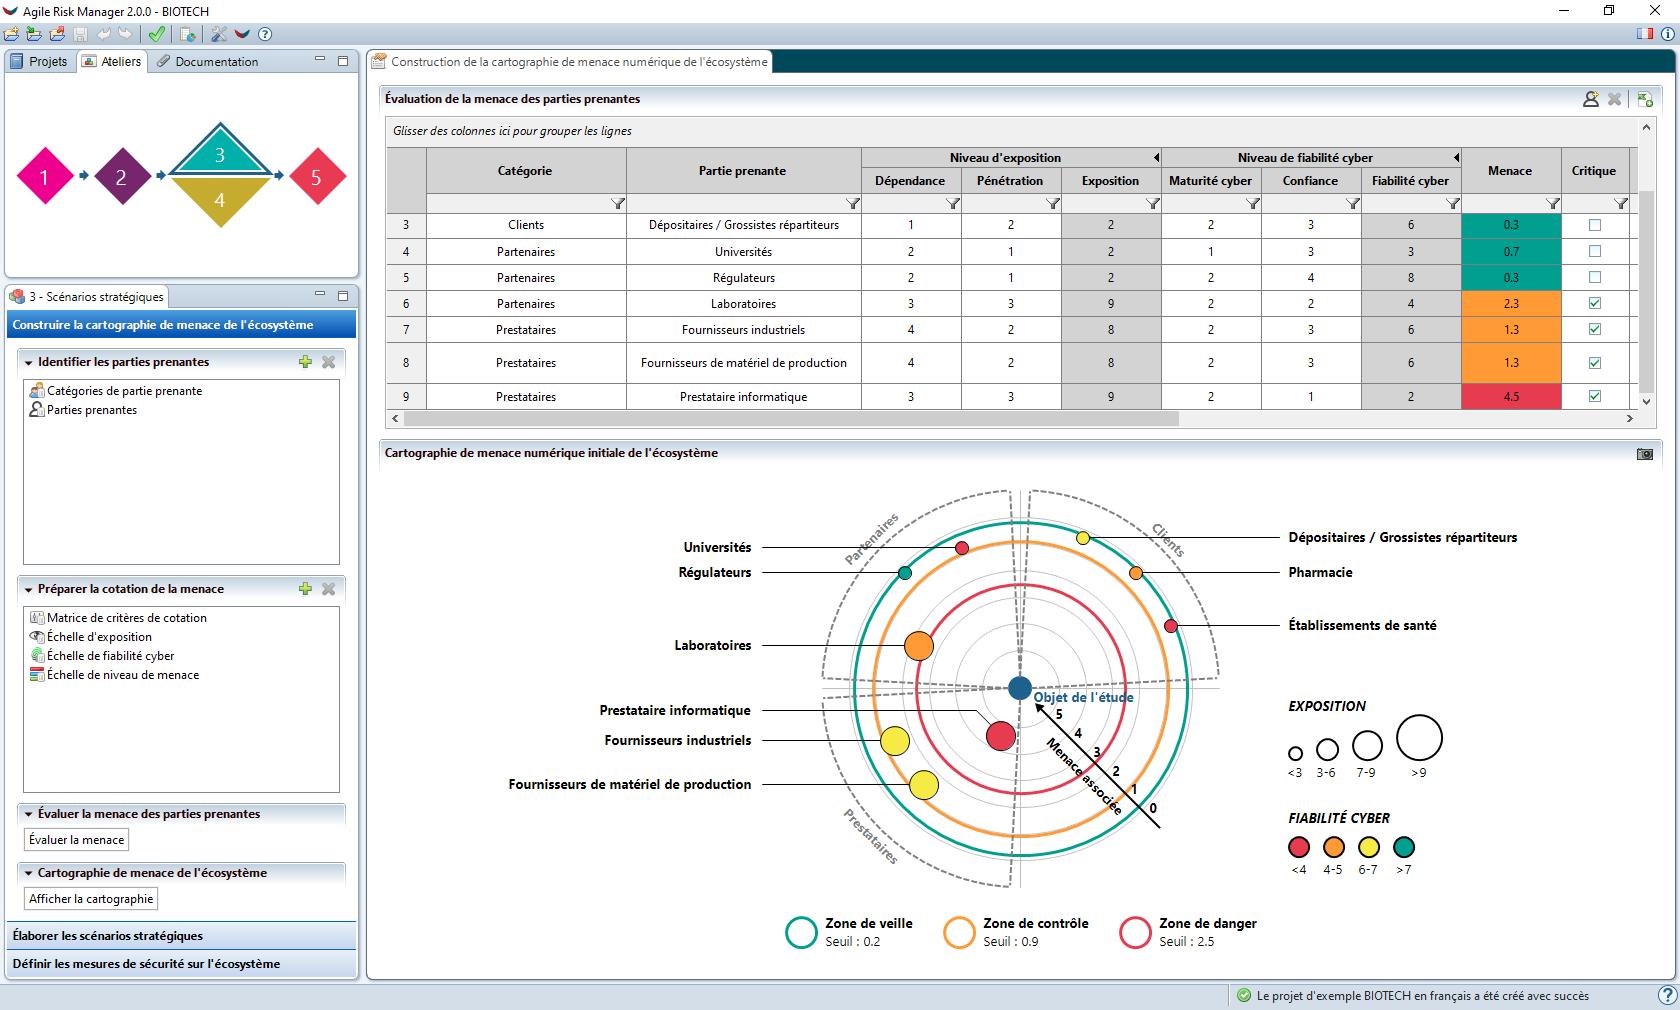 Capture d'écran : Atelier 3 - Cartographie des parties prenantes